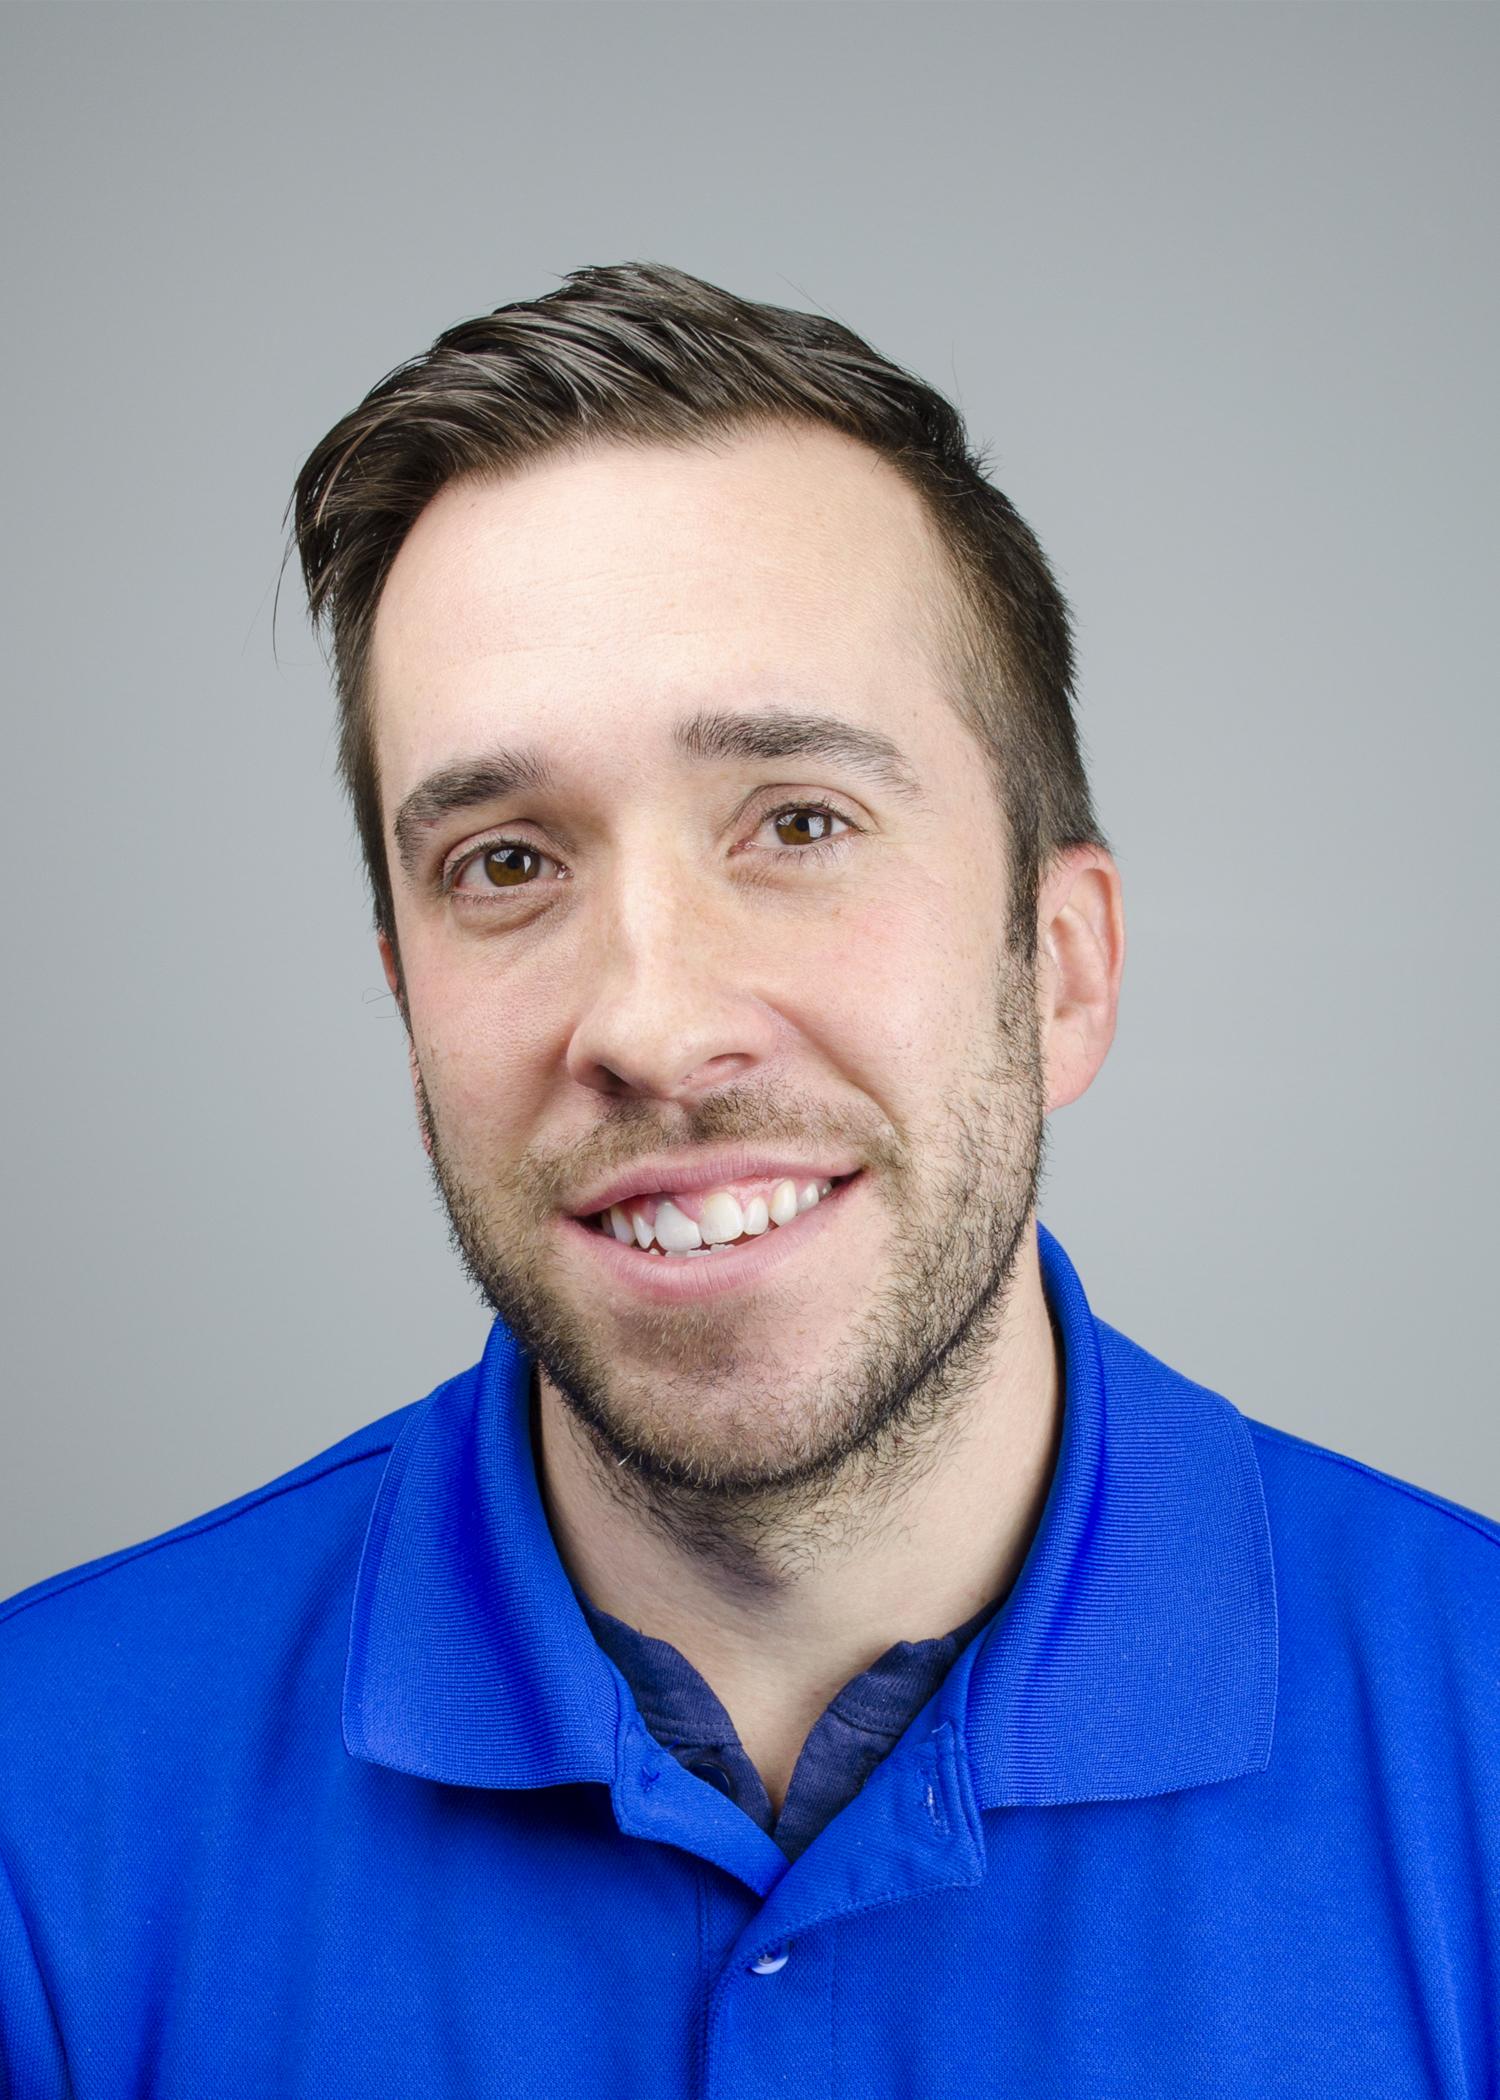 JORDAN SNEDEKER , Project Manager